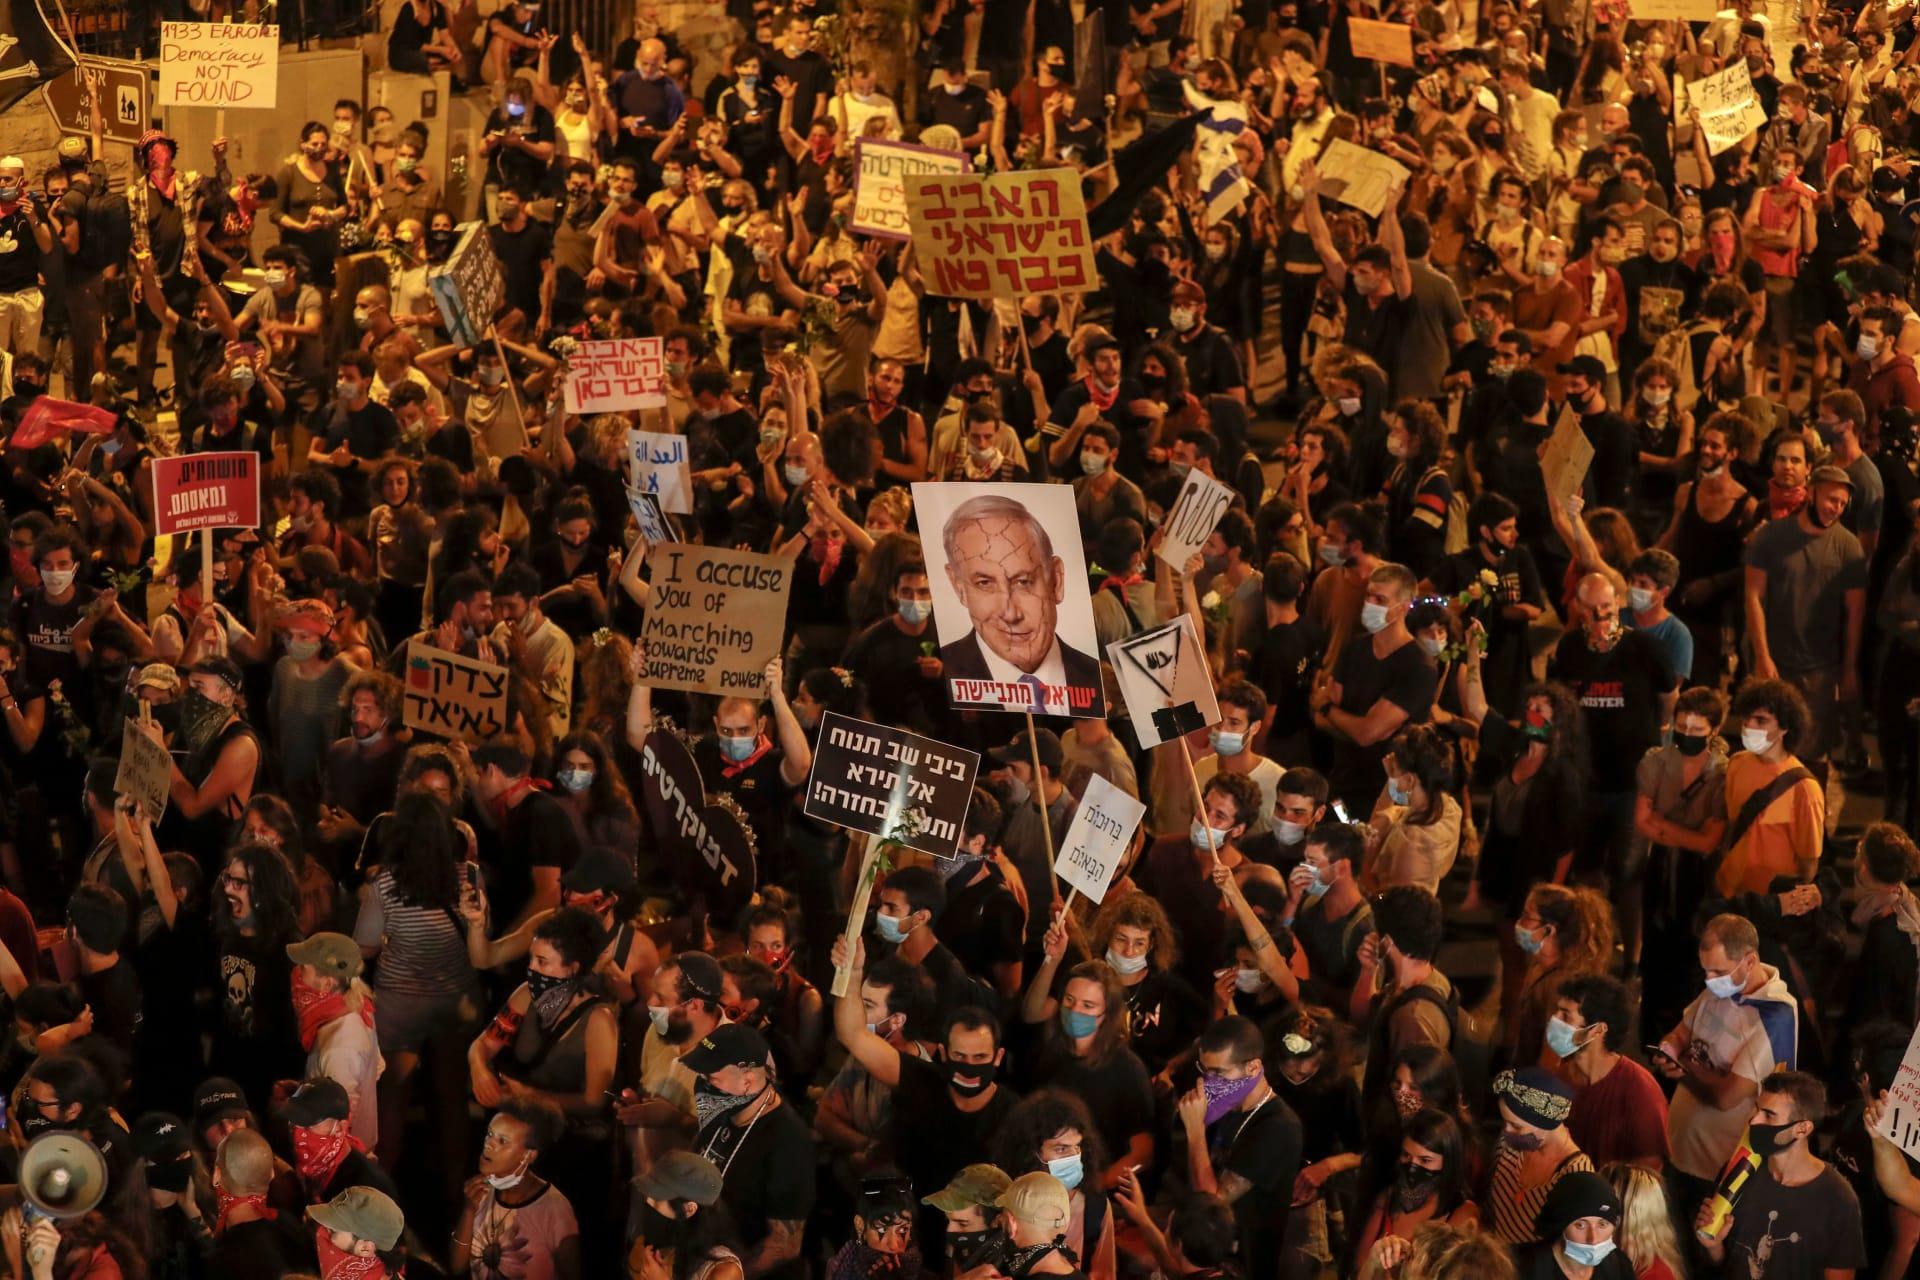 احتجاجات ضخمة أمام مقر إقامة رئيس الوزراء الإسرائيلي بنيامين نتنياهو في القدس